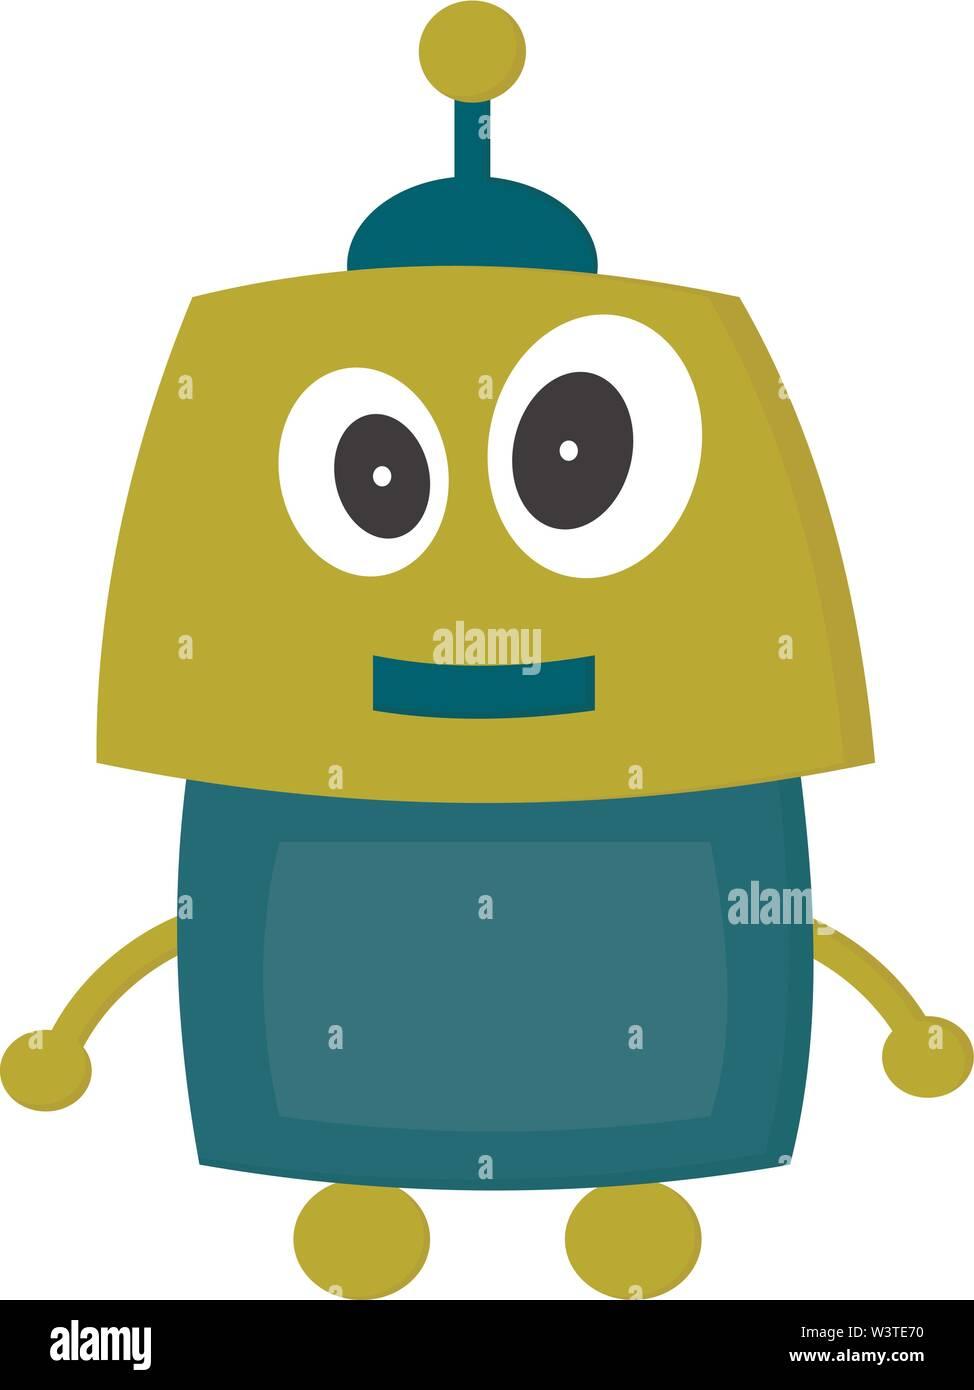 Un robot heureux vert avec de grands yeux, Scénario, dessin en couleur ou d'illustration. Photo Stock